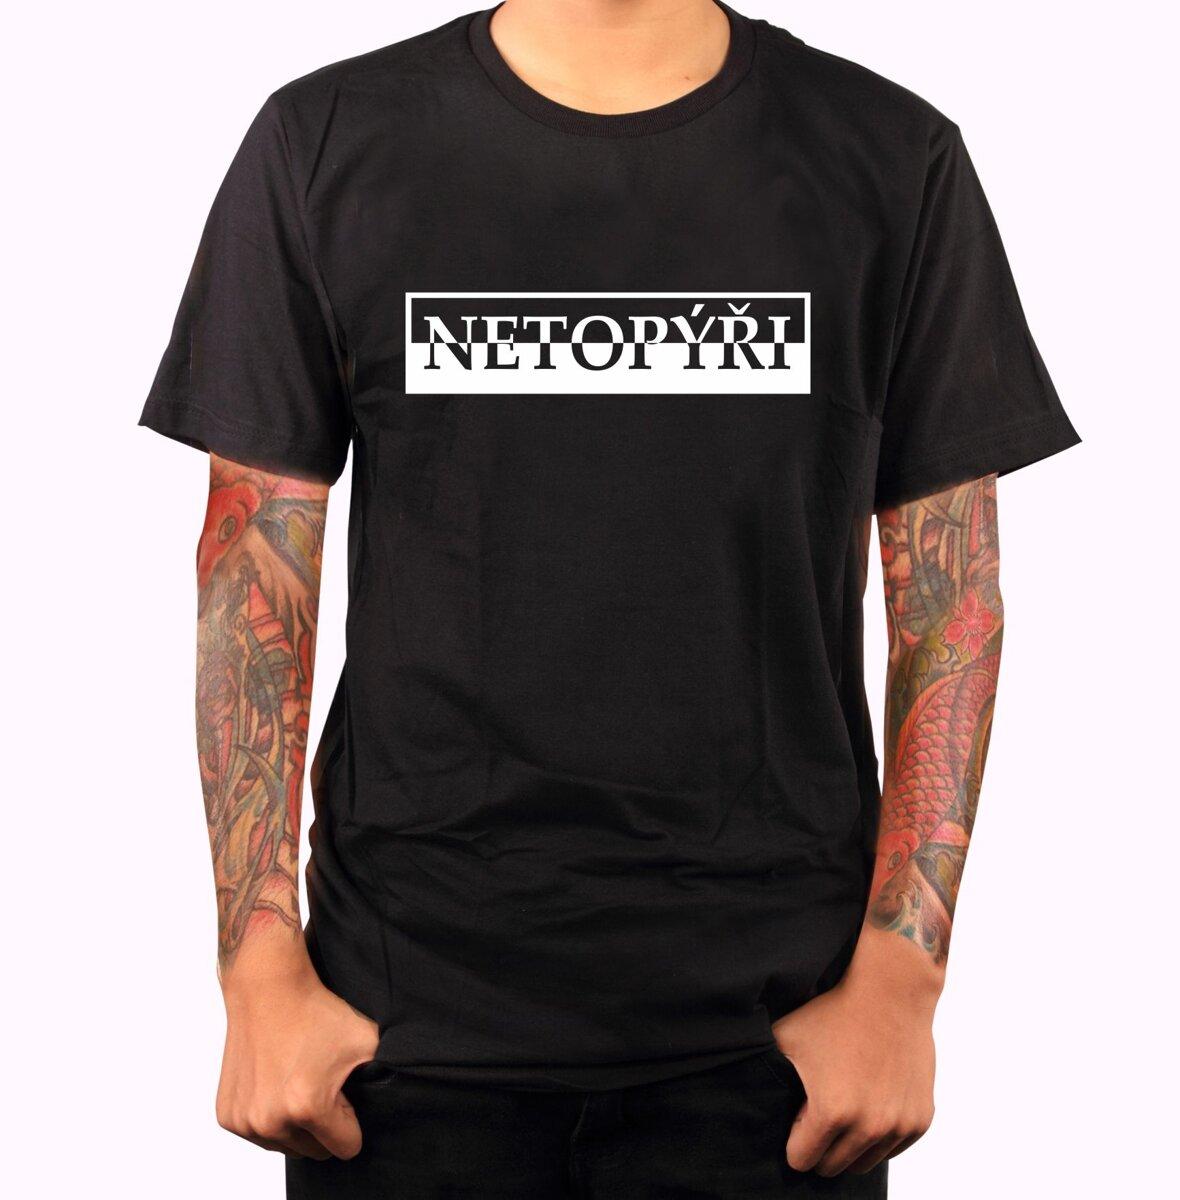 6fed0255734 Originální tričko s potiskem - NETOPÝŘI